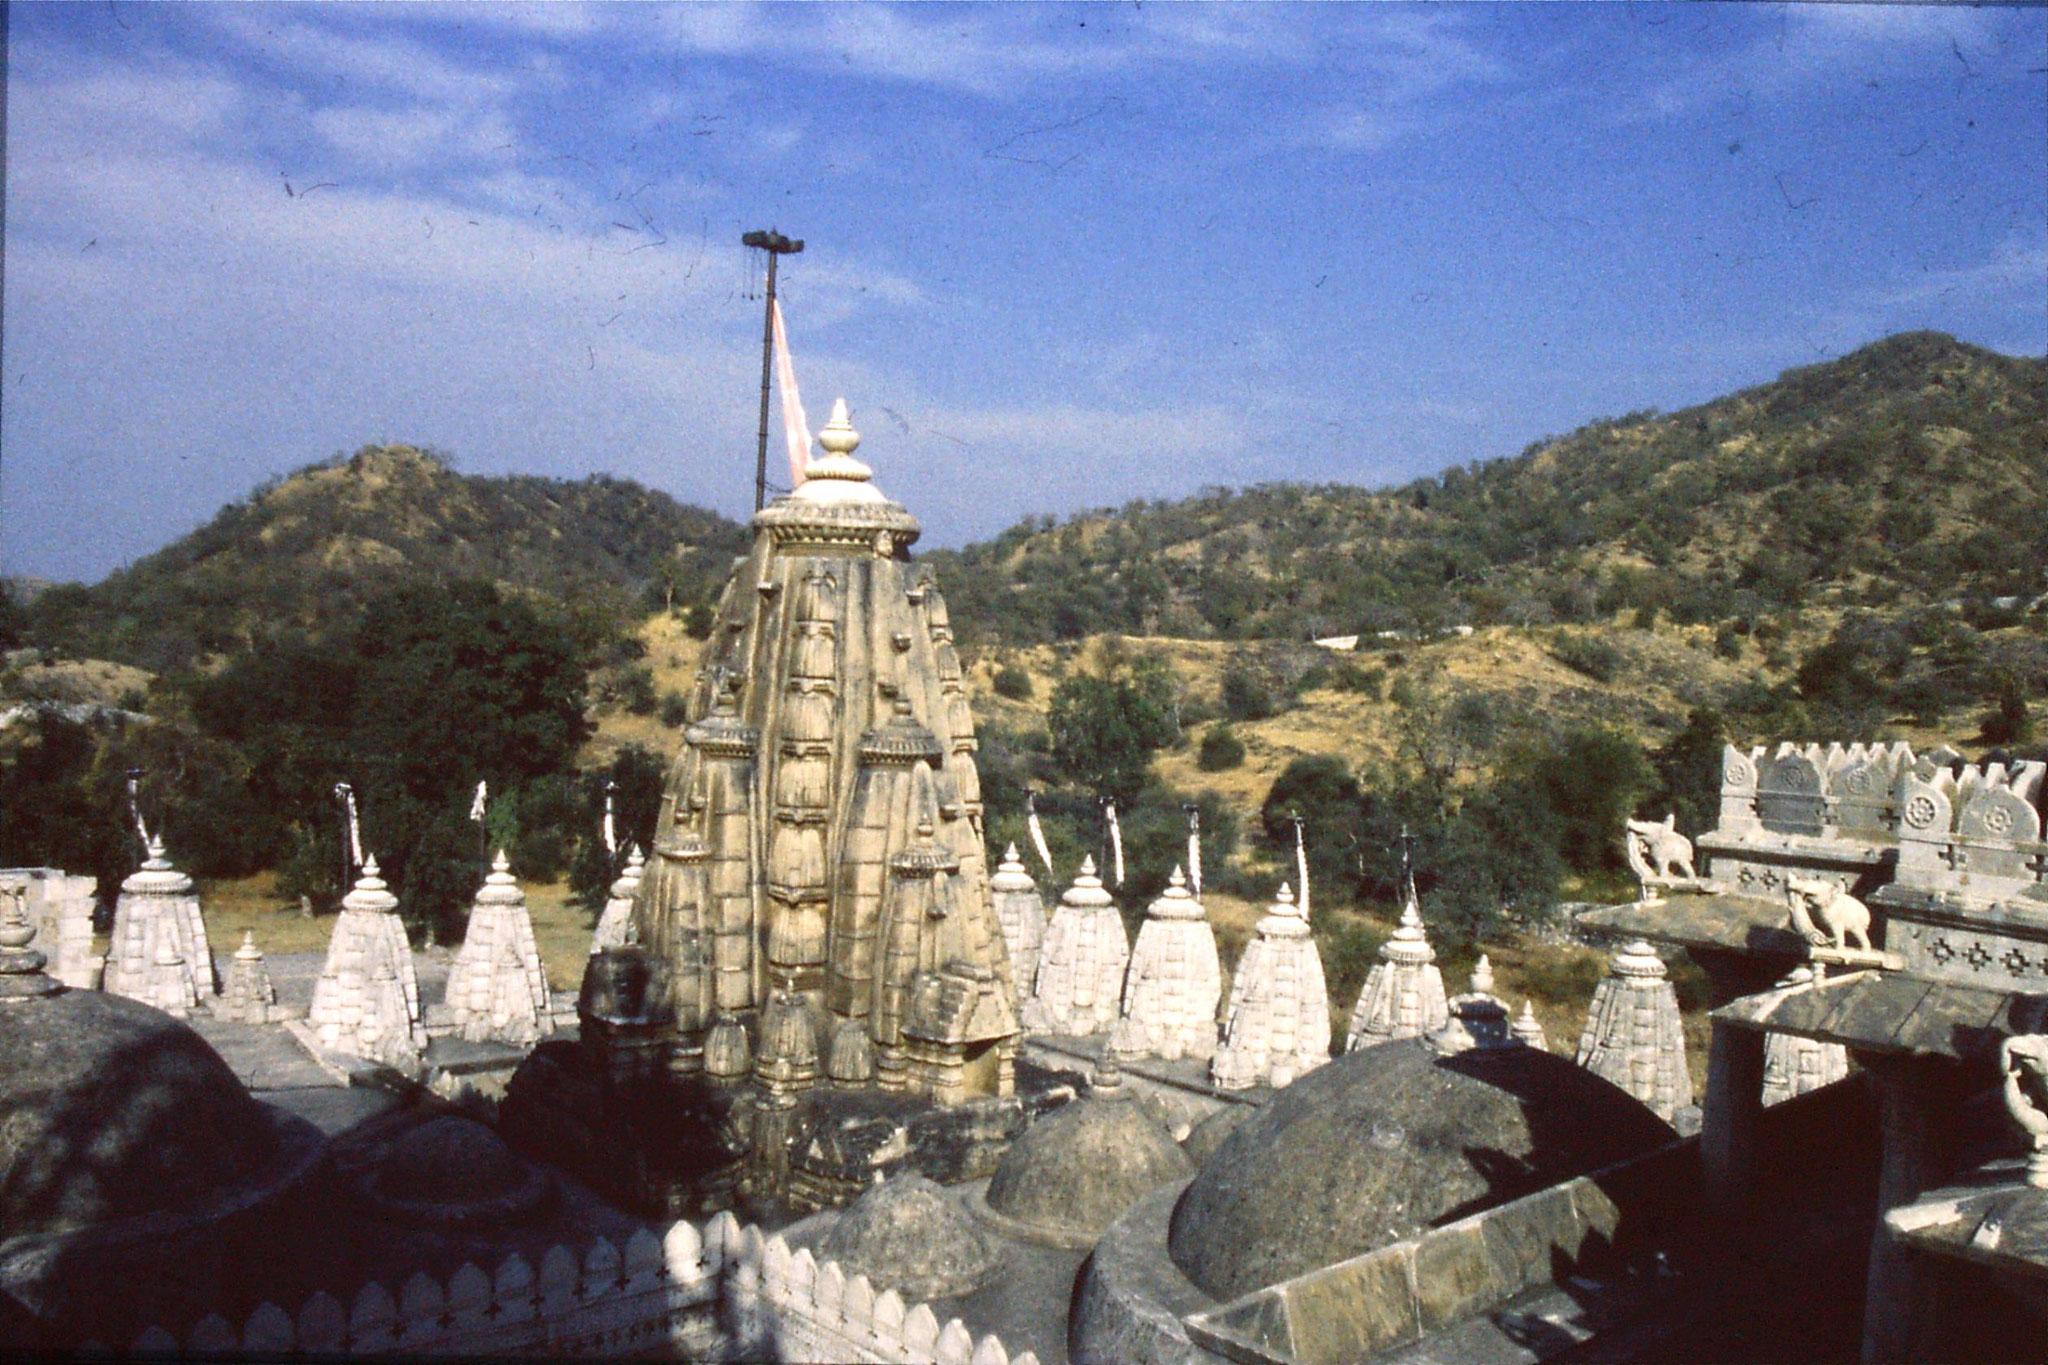 6/12/1989: 16: Ranakpur Jain temple